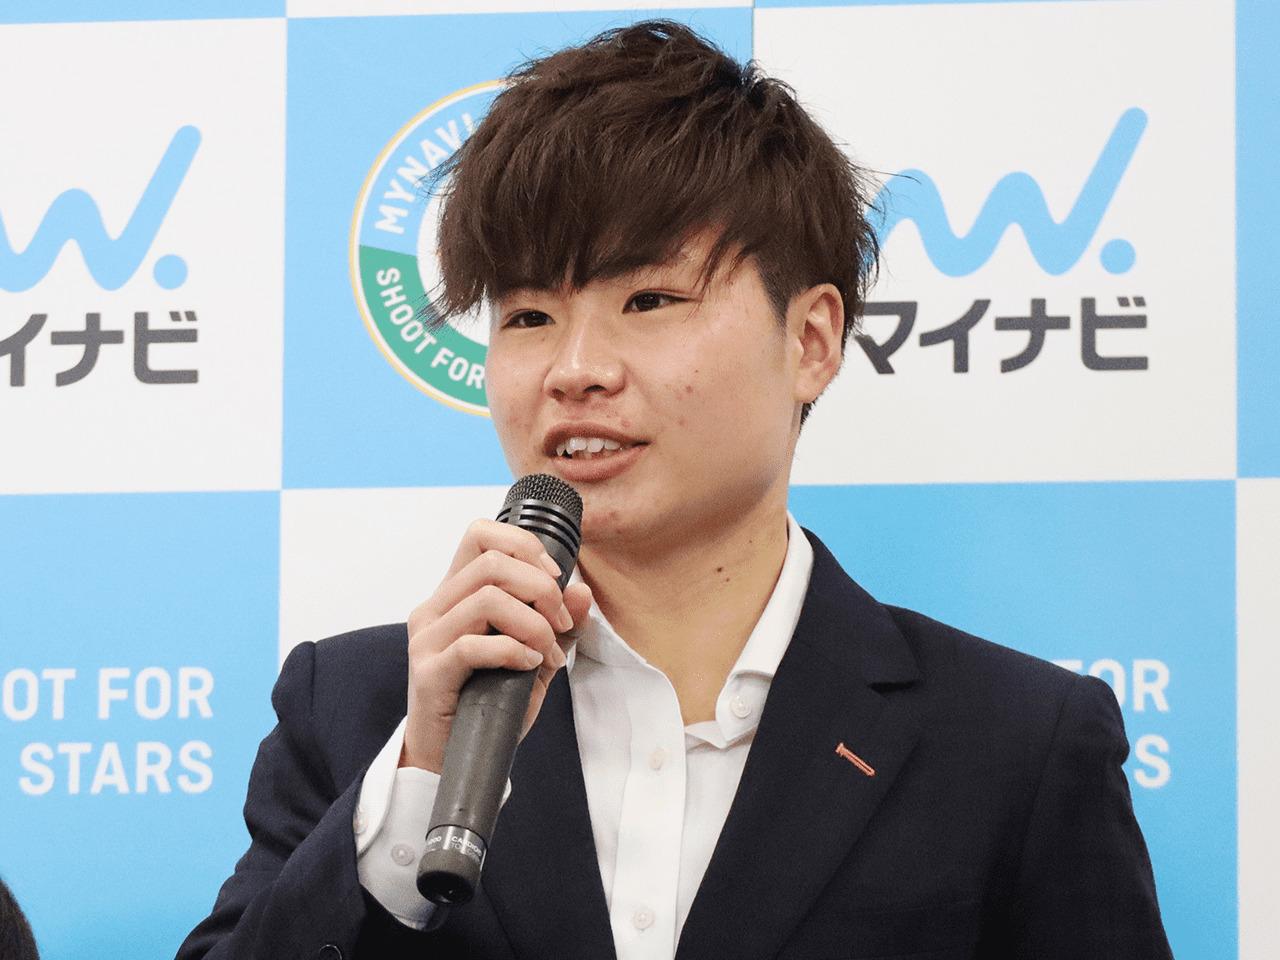 FW27 矢形海優選手